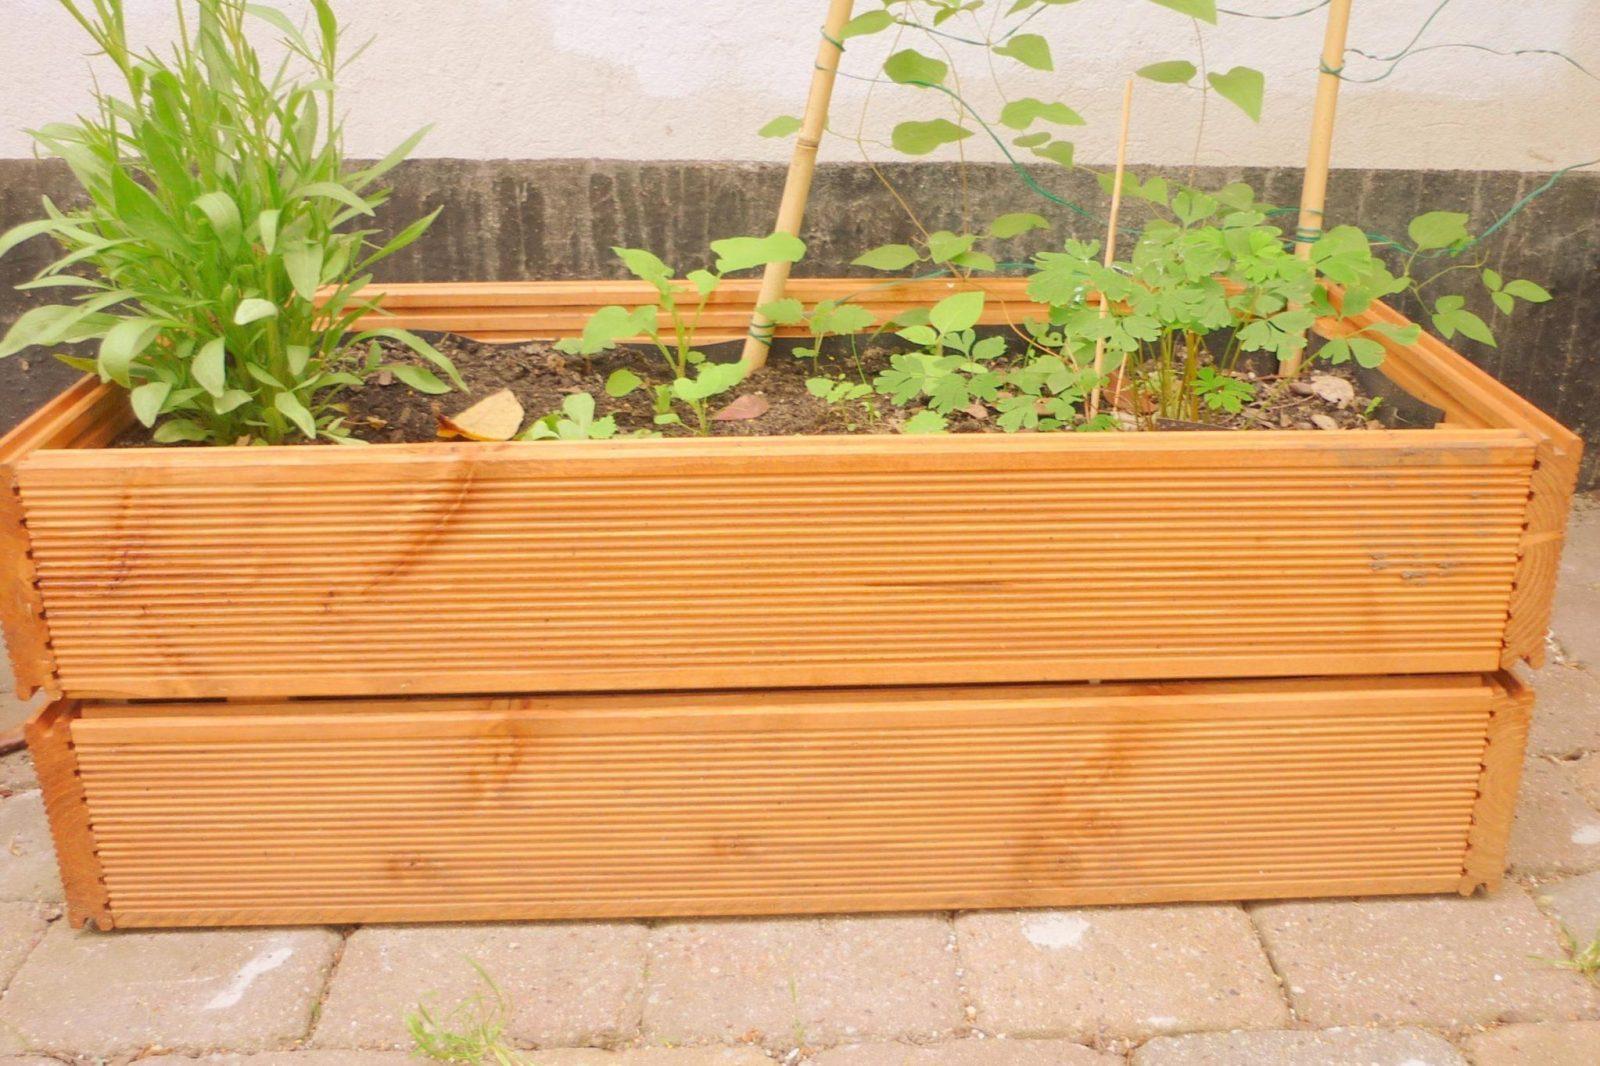 Pflanztrog Holz Selber Bauen  Die Schönsten Einrichtungsideen von Blumenkübel Aus Holz Selber Bauen Bild